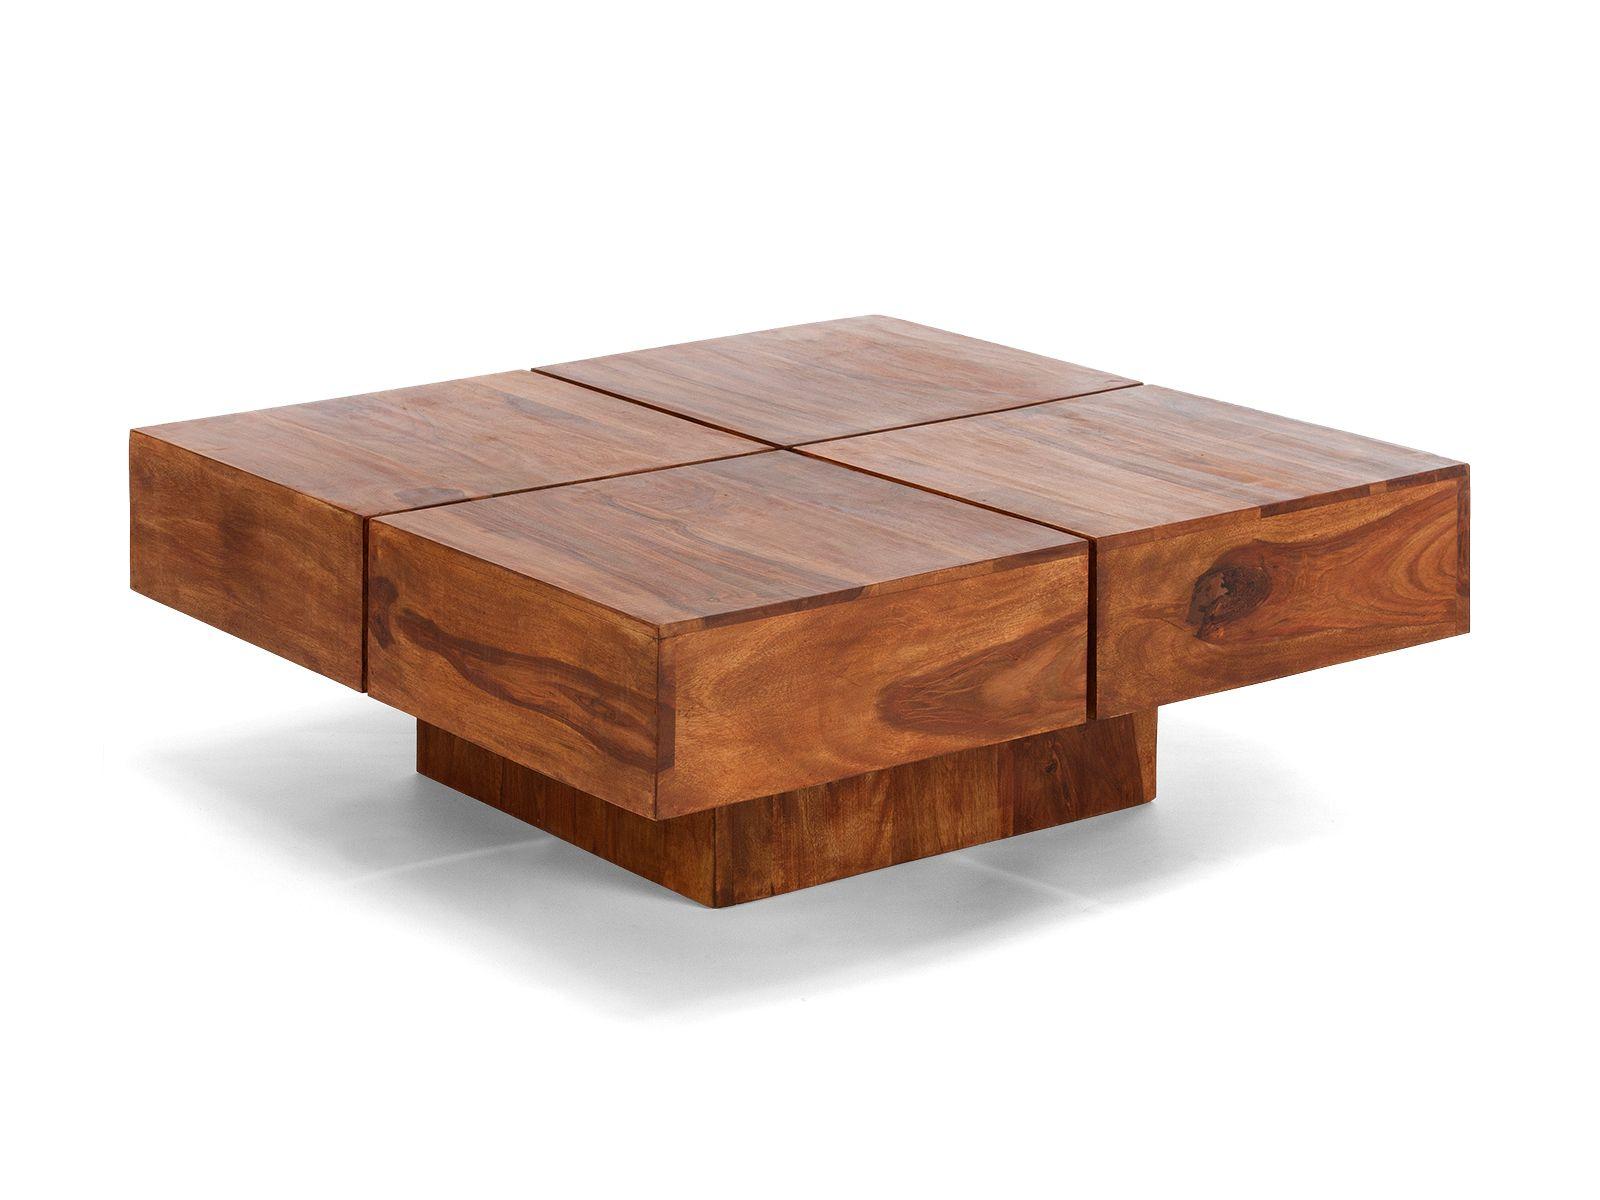 10016223 - Couchtisch Square Cube 80x80 honig | Couchtisch ...